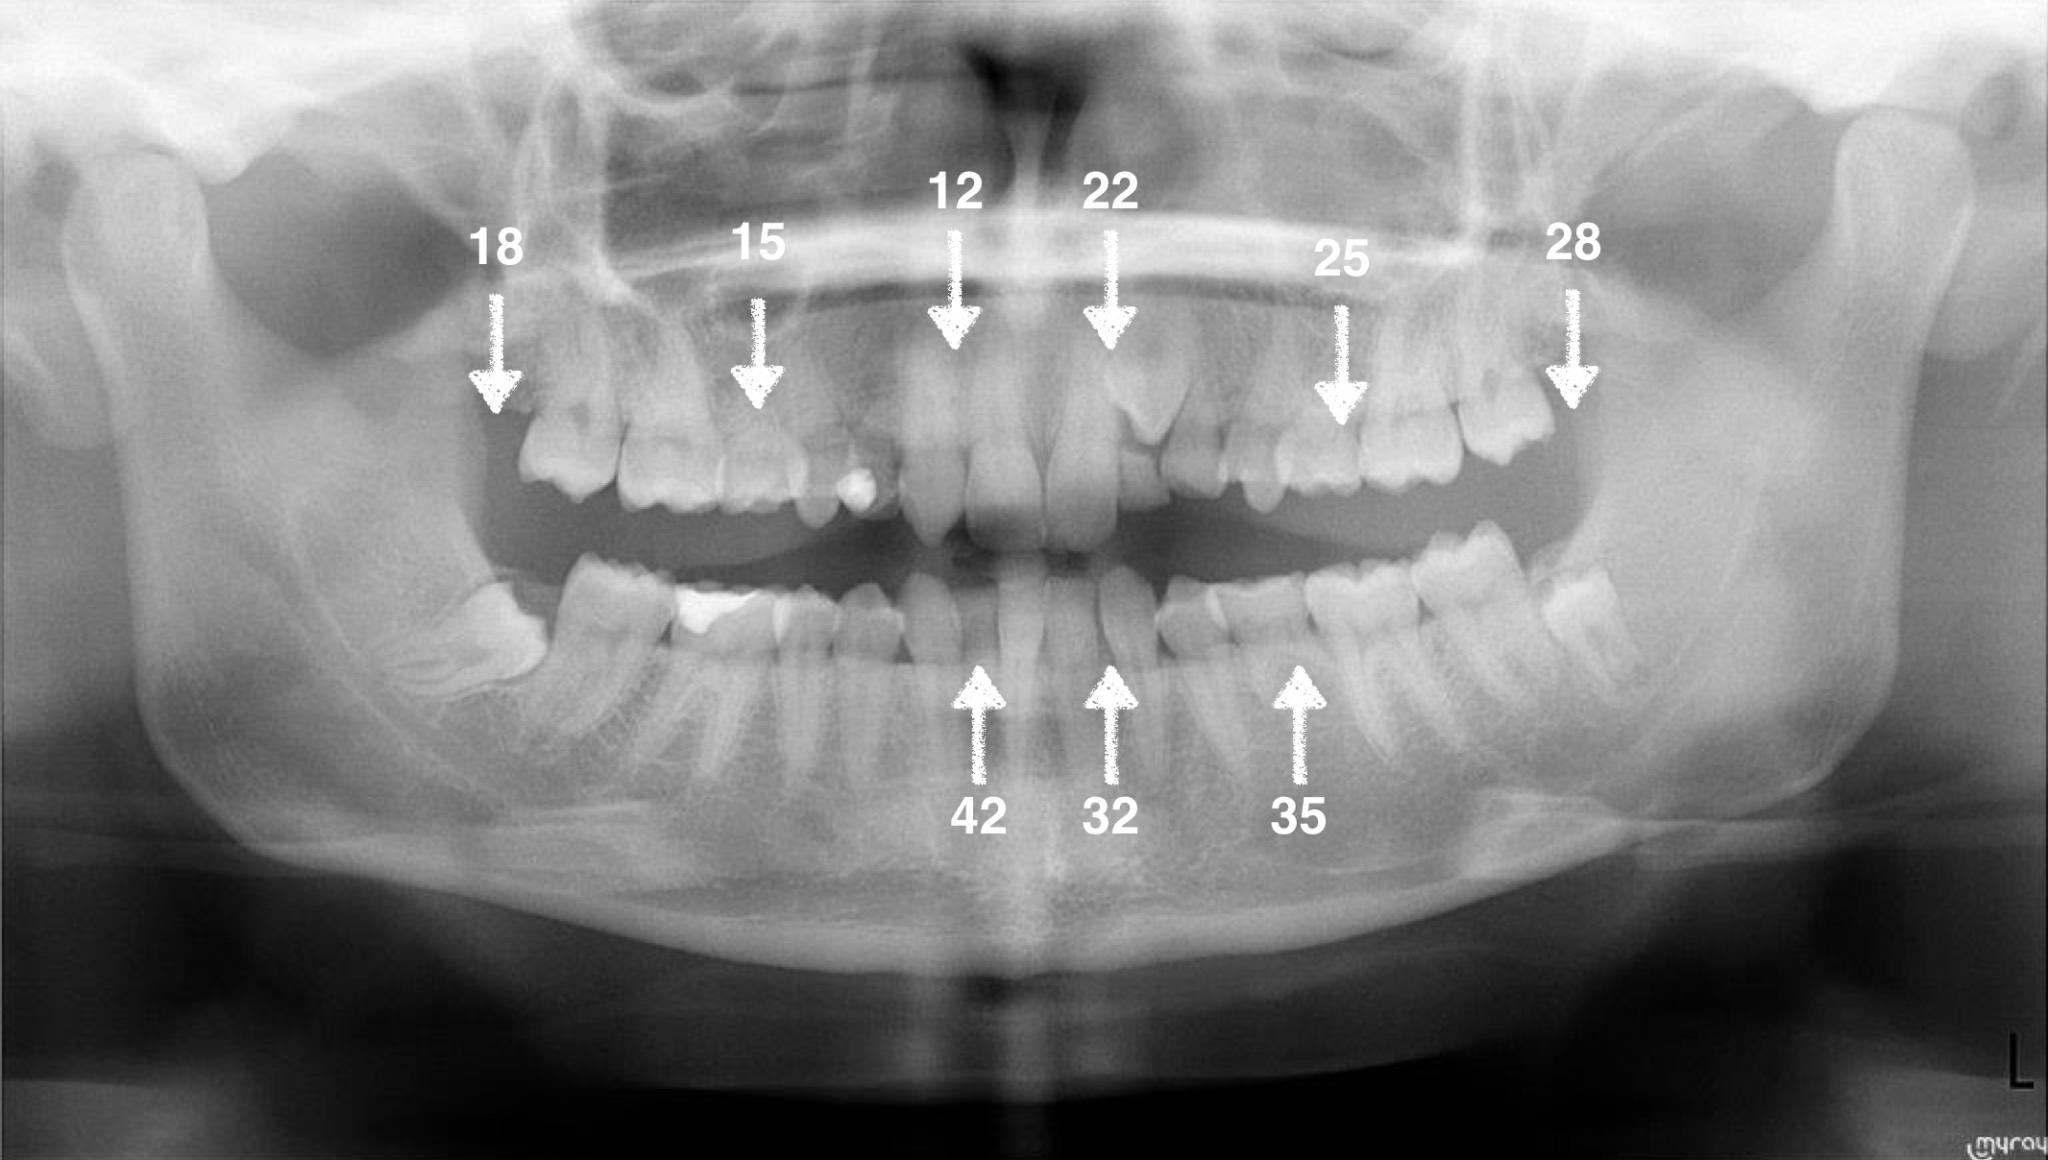 agenesia de los dientes premolares